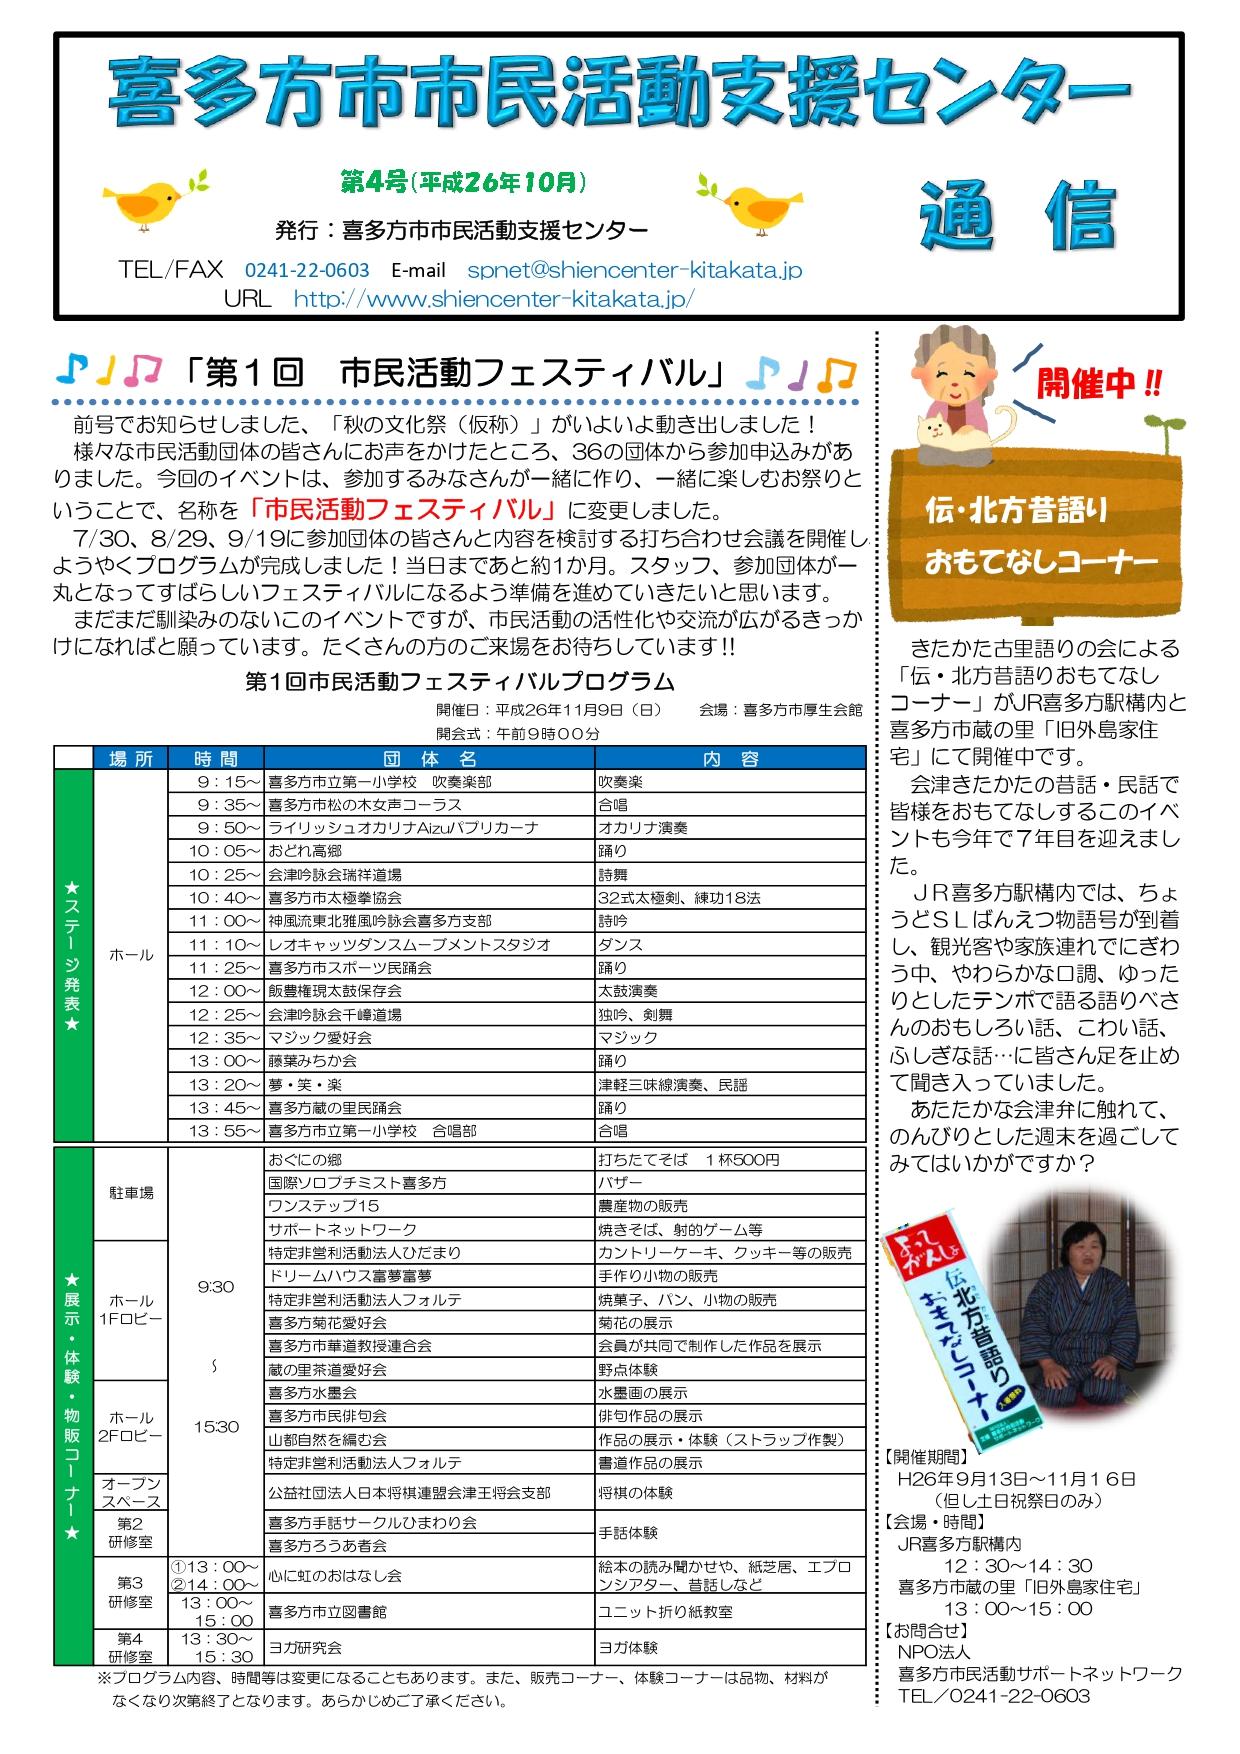 喜多方市市民活動支援センター通信 第4号(平成26年10月発行)